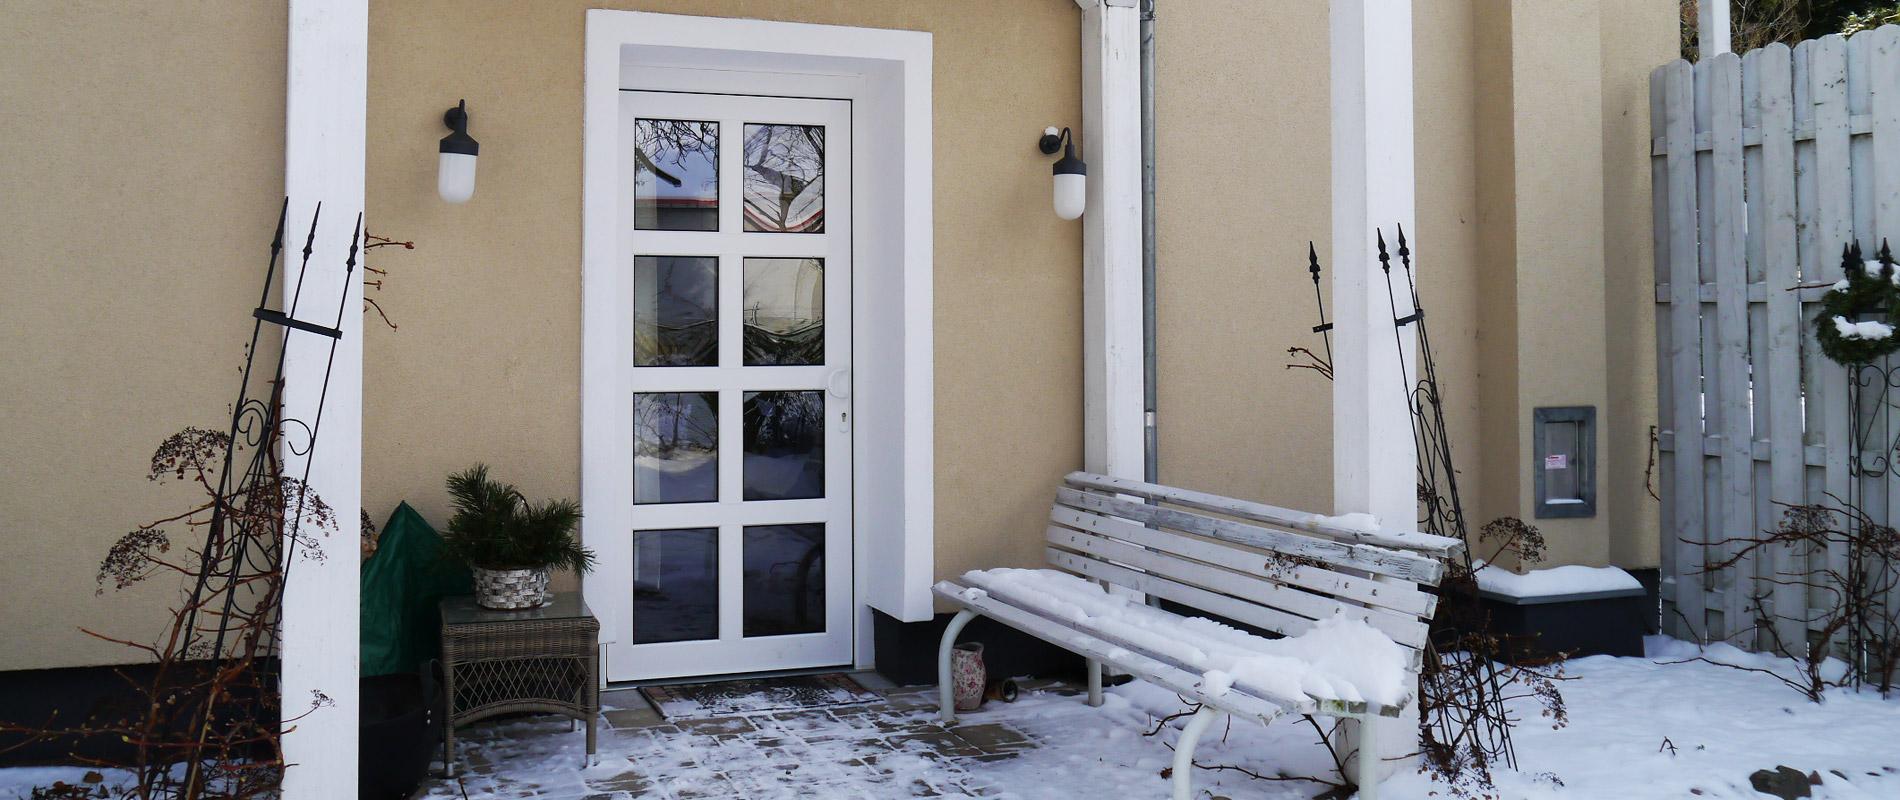 Ferienwohnung im Winter Eingang